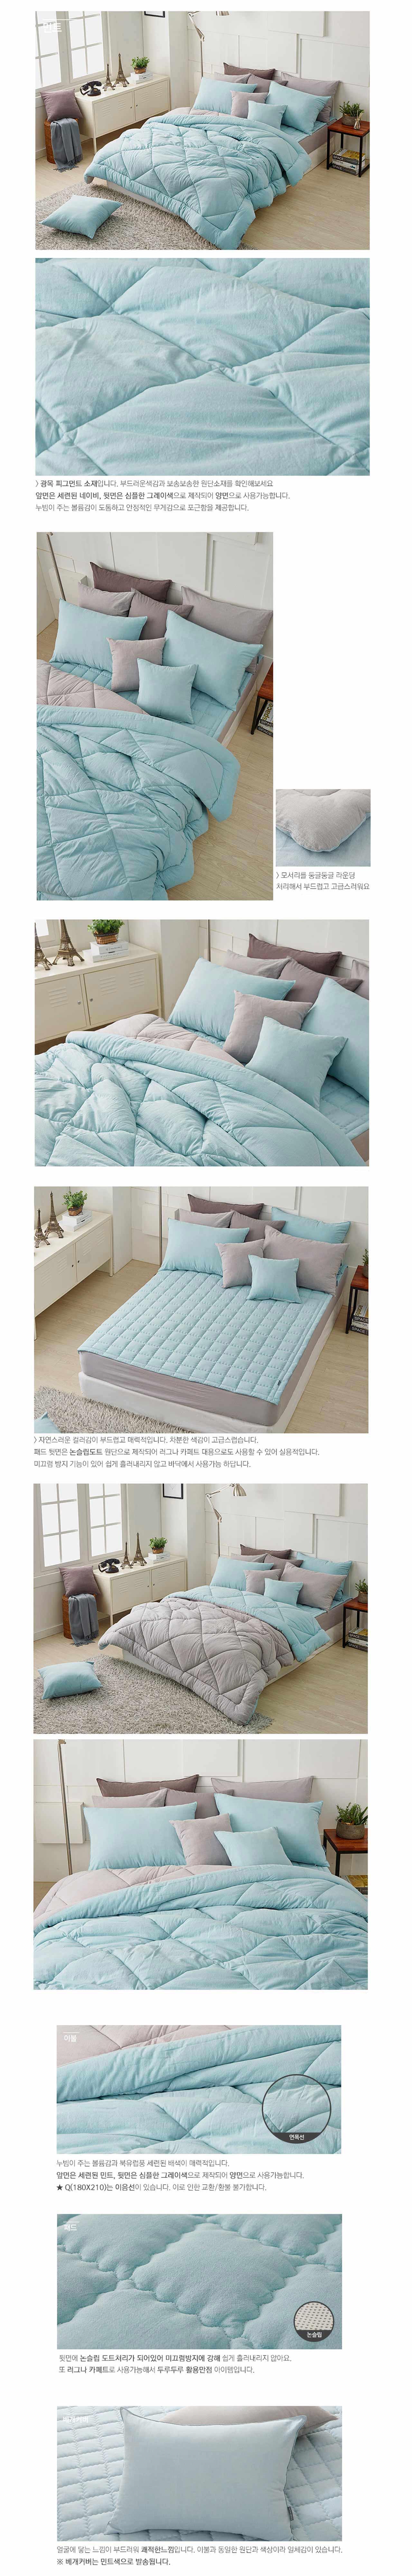 Bộ chăn mền Natural xanh bạc hà